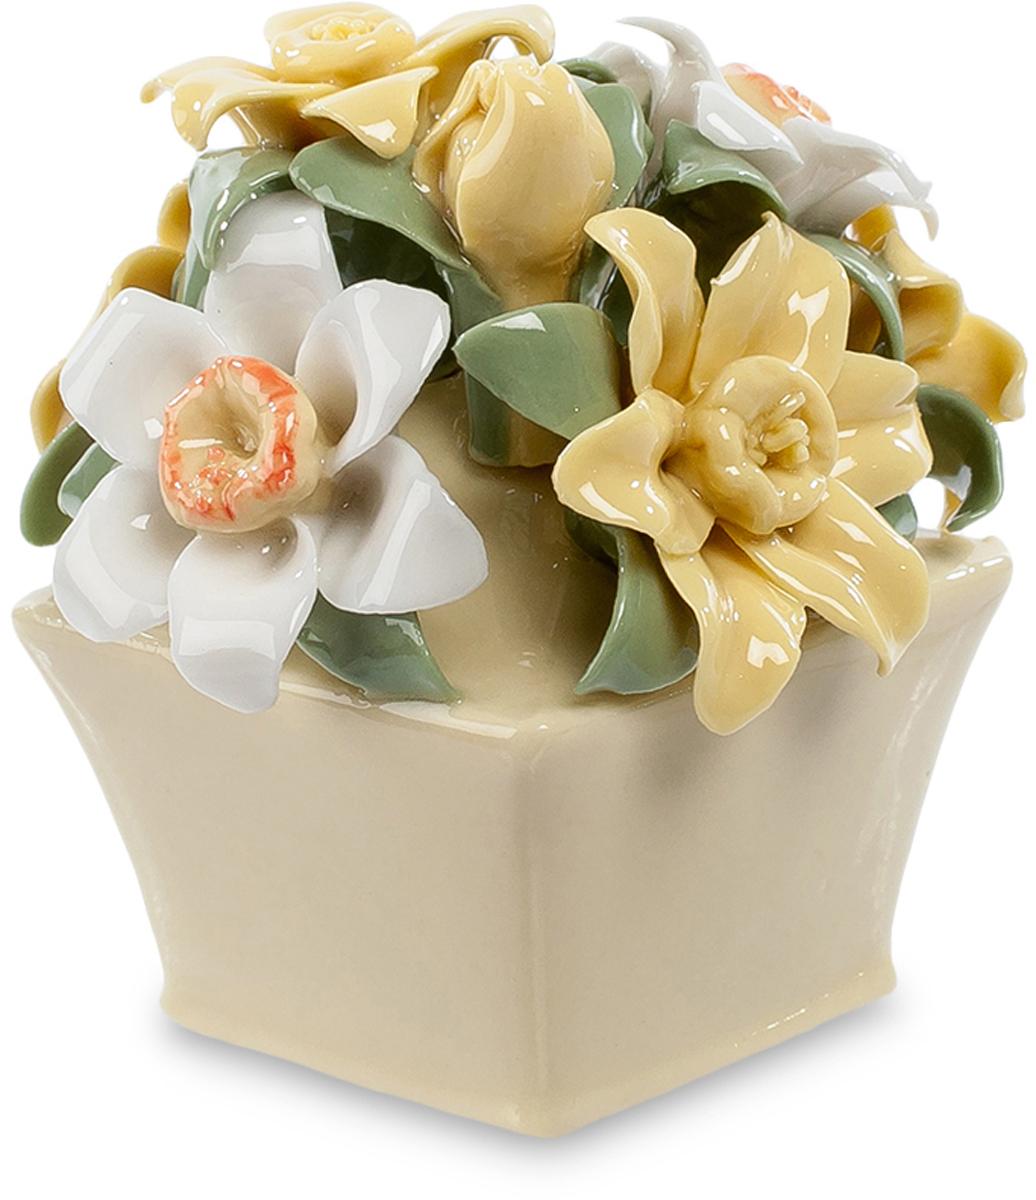 Цветочная композиция Pavone Нарцисс. CMS-33/49UP210DFЦветочная композиция Нарцисс (Pavone) Эта миниатюрная цветочная композиция – превосходный сувенир, напоминающий о лете и о том, кто вам подарит этот фарфоровый букетик. Цветы и листья выполнены настолько тщательно, что кажутся живыми, хотя на самом деле эти белые и желтоватые нарциссы изготовлены из тончайшего фарфора. Пусть эта коробочка с цветами такая маленькая, все равно, глядя на нее, вы будете вспоминать время, когда распускаются цветы. В комнате станет теплее, и радость вернется в вашу душу. Эти цветы никогда не завянут, им стоять годы, оставаясь свежими и яркими среди любых невзгод и холодов. Это – тот редкий случай, когда искусственные цветы не уступают настоящим.